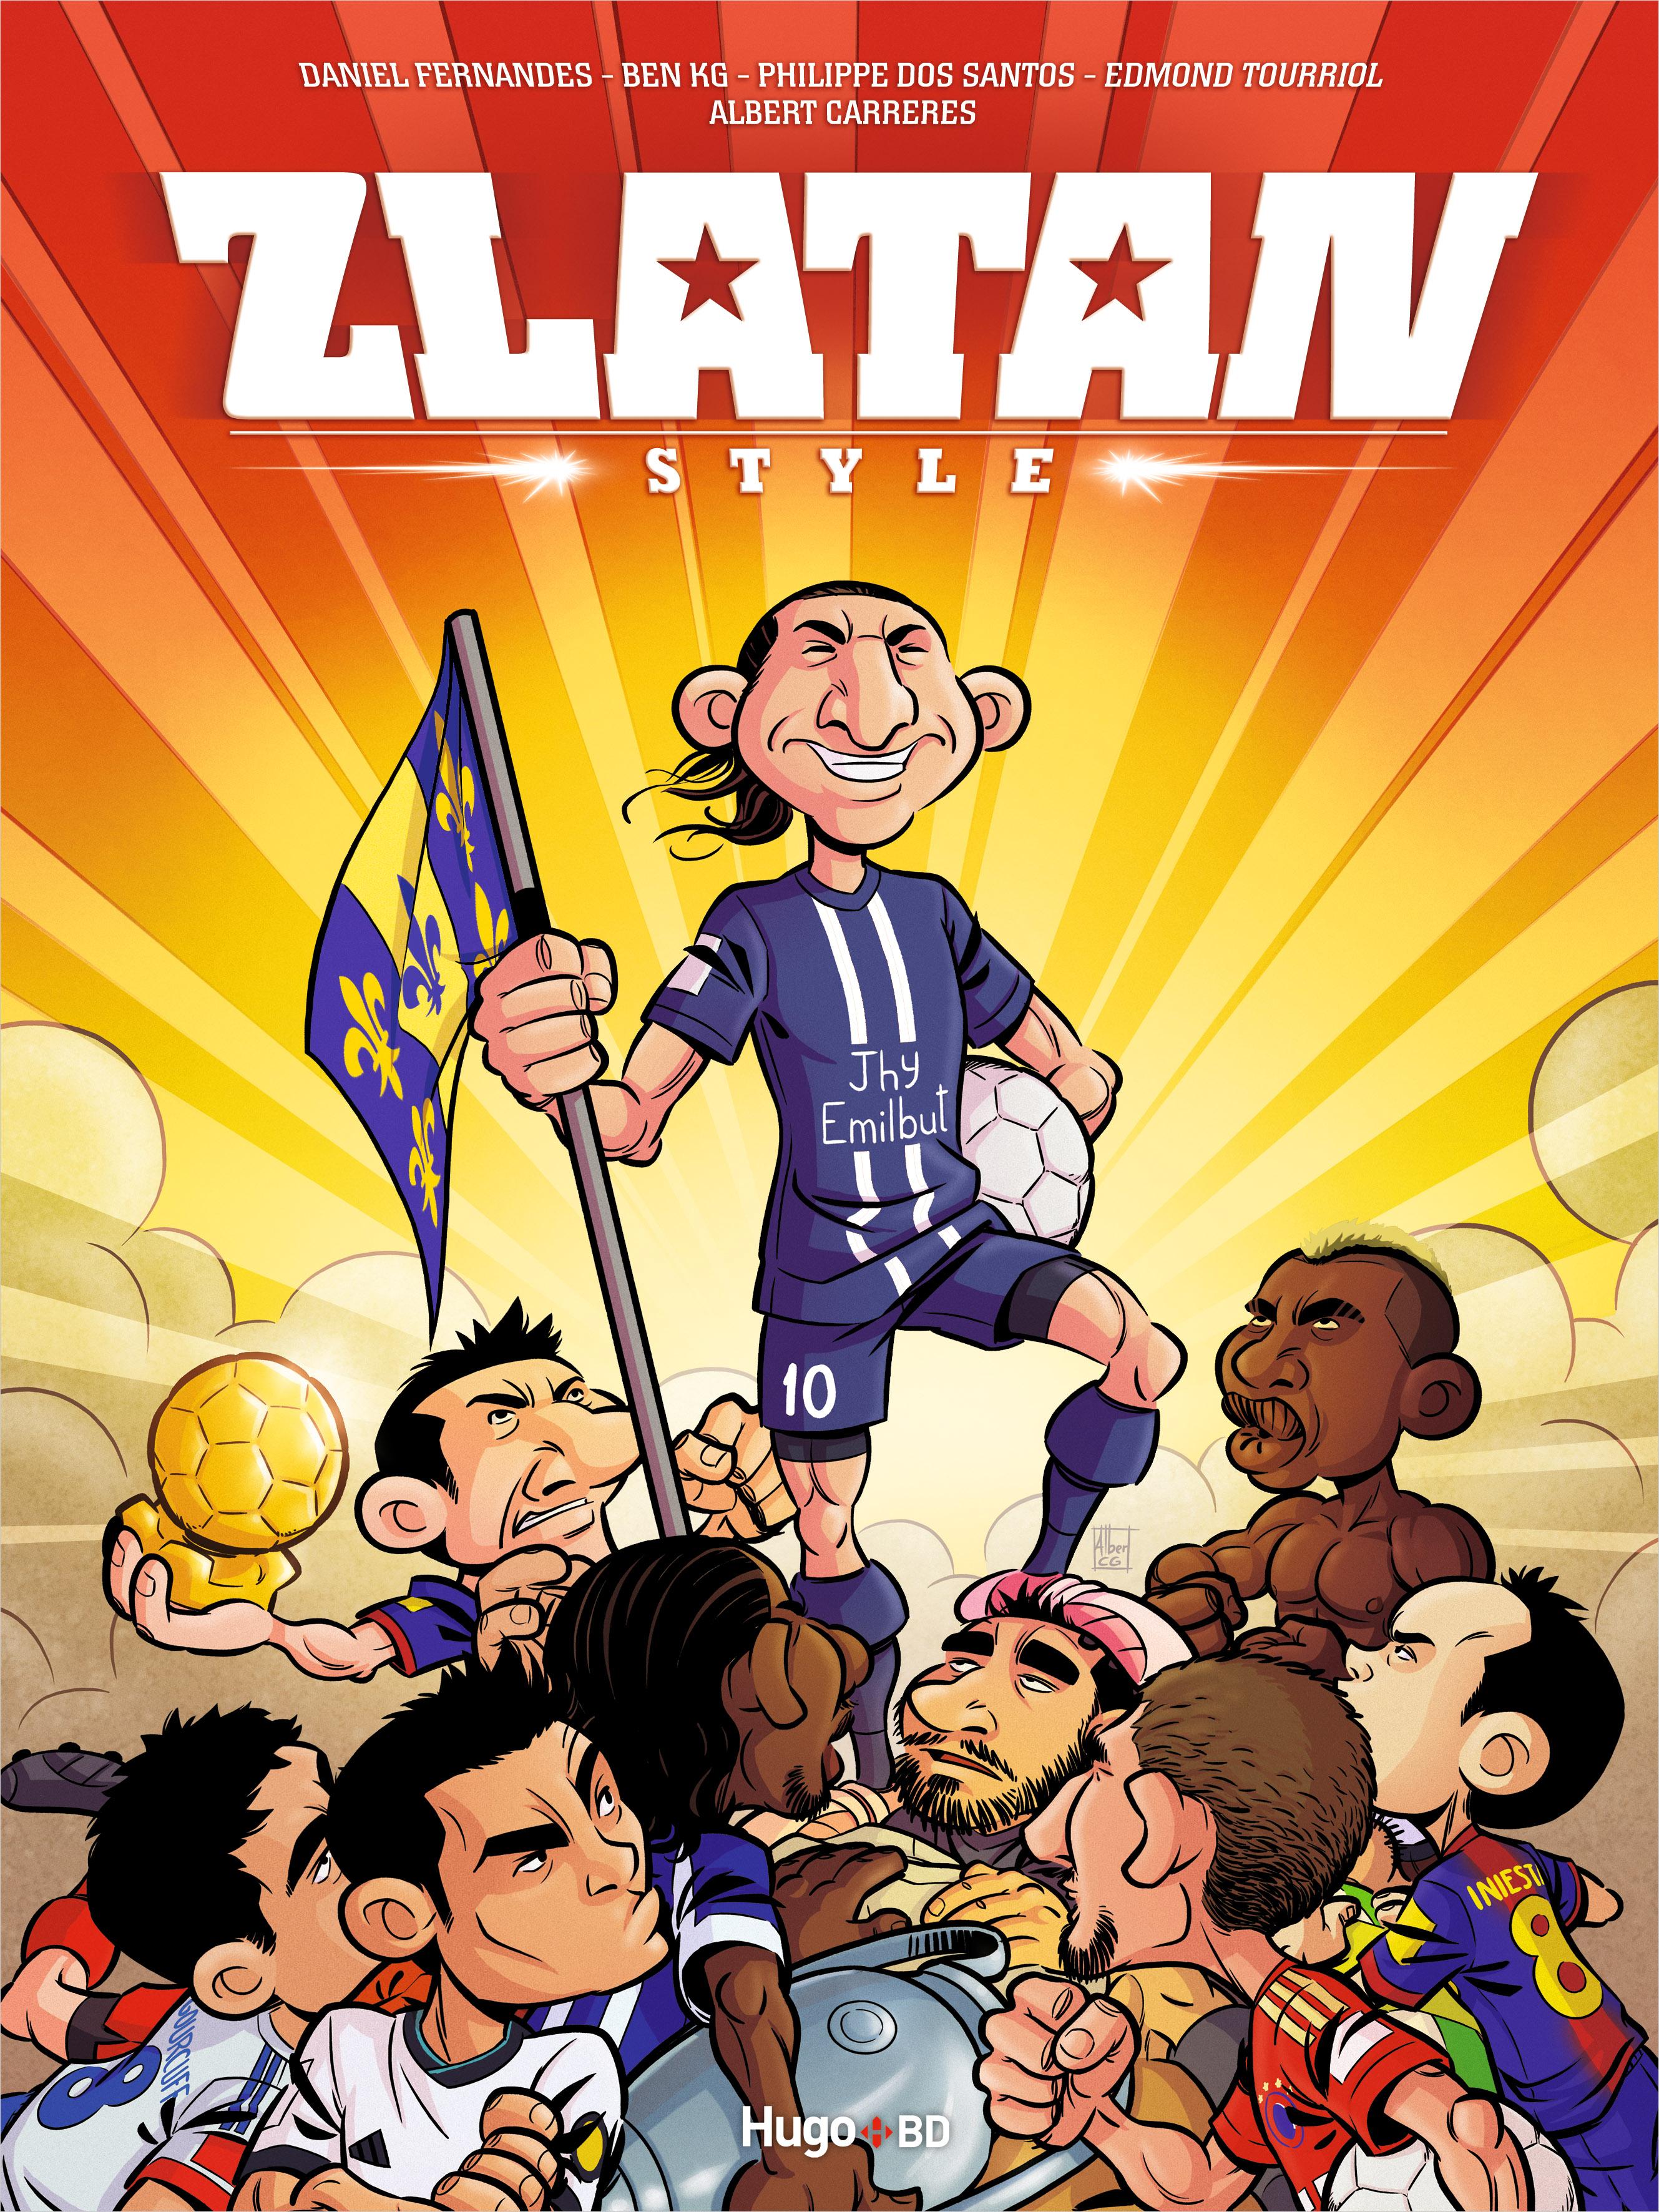 Couverture du premier tome de Zlatan Style, par Albert Carreres et Alejandro Torres